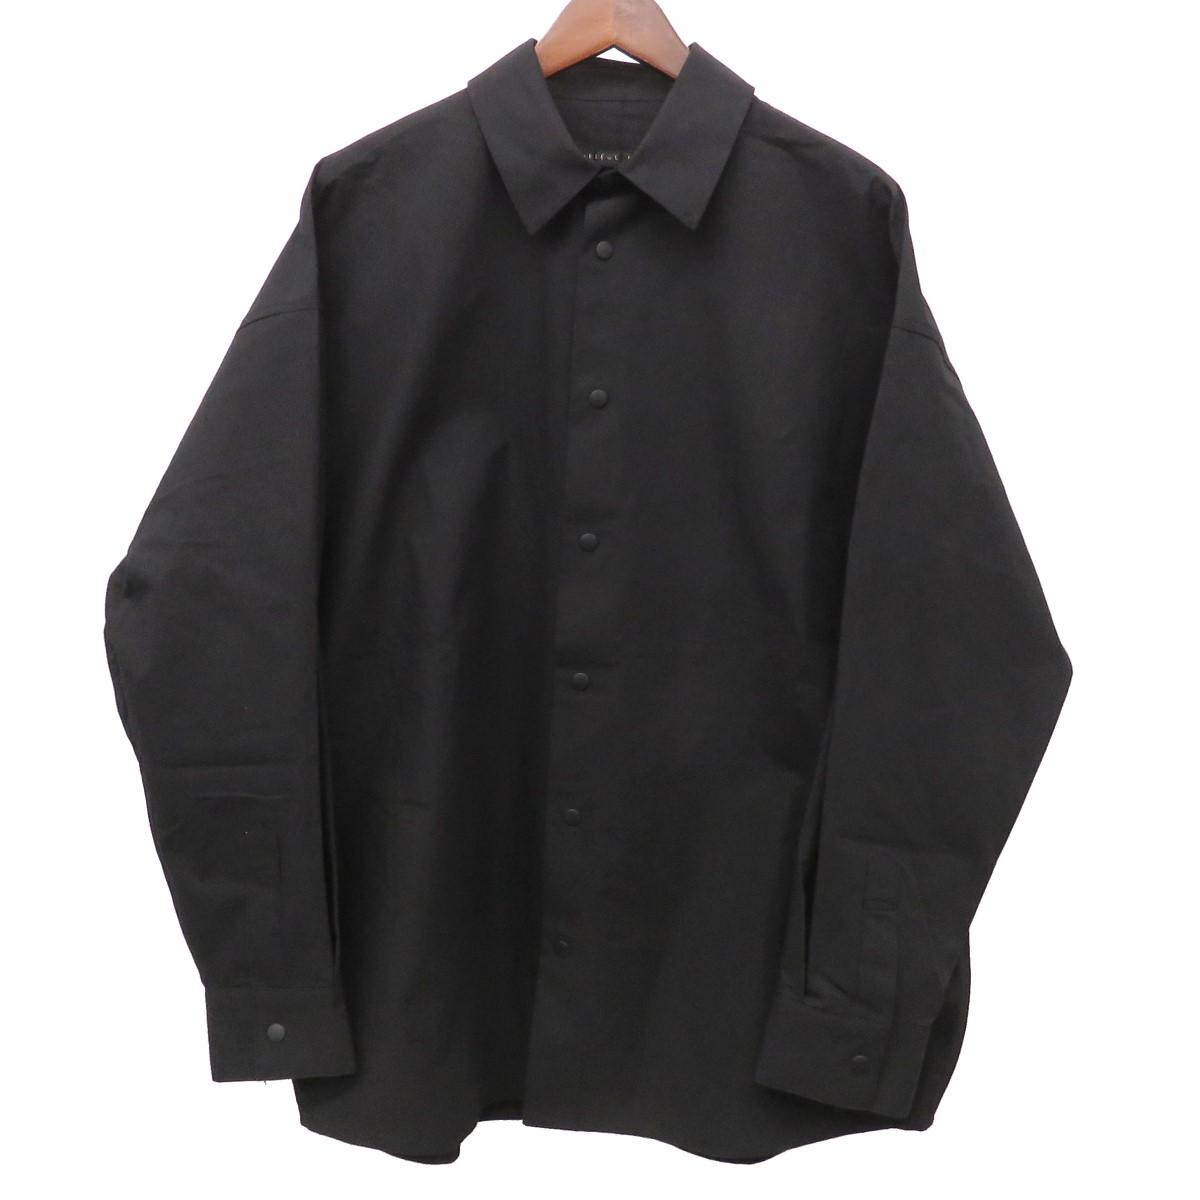 【中古】my beautiful lamdlet オーバーサイズスナップシャツジャケット ビッグコーチジャケット wm02-sh191025 ブラック サイズ:0 【150420】(マイビューティフルランドレット)